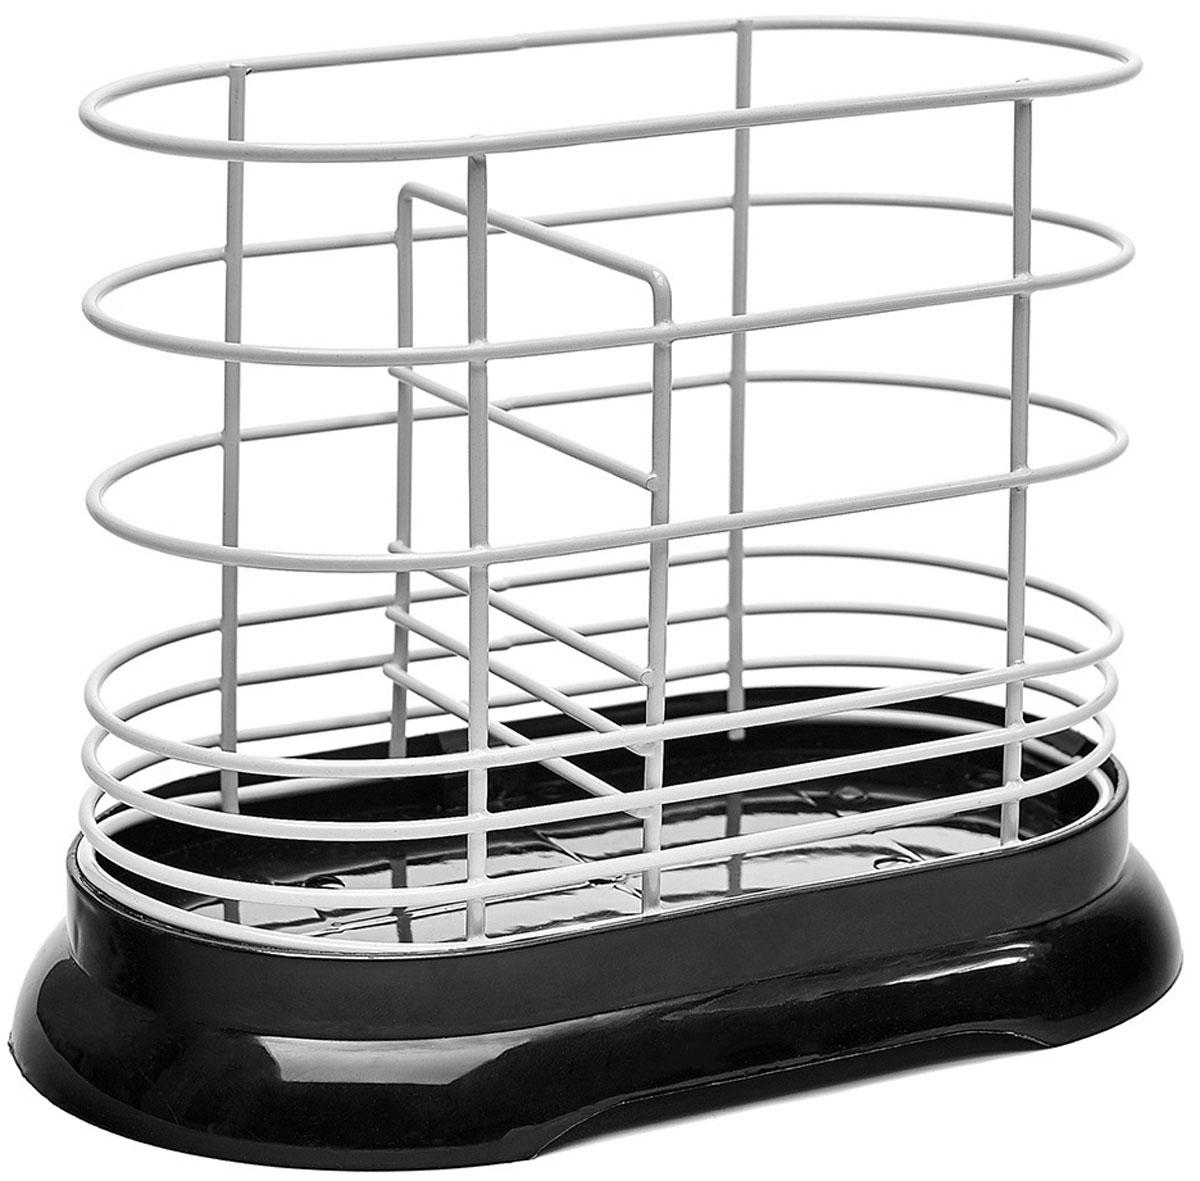 Подставка для столовых приборов Walmer, цвет: черный, 16 x 8,5 x 13,5 смW14161386Подставка для столовых приборов Walmer имеет лаконичный дизайн и подойдет под абсолютно любой интерьер кухни. Основание изделия изготовлено из качественного пластика. Если на приборах осталось немного воды, то она не будет стекать на стол, а останется в съемном поддоне. А материалом для прутков корпуса является сталь с порошковым покрытием – прочная и устойчивая к коррозии. К слову, в нижней части расстояние между прутками меньше, чтобы ручки столовых приборов не выскальзывали из подставки. Подставка Walmer не займет слишком много места на вашей кухне. Ее назначение в том, чтобы экономить пространство и упрощать жизнь своим владельцам. Для удобства в ней есть разделитель, который позволяет хранить приборы в разных отсеках. Рекомендуем!